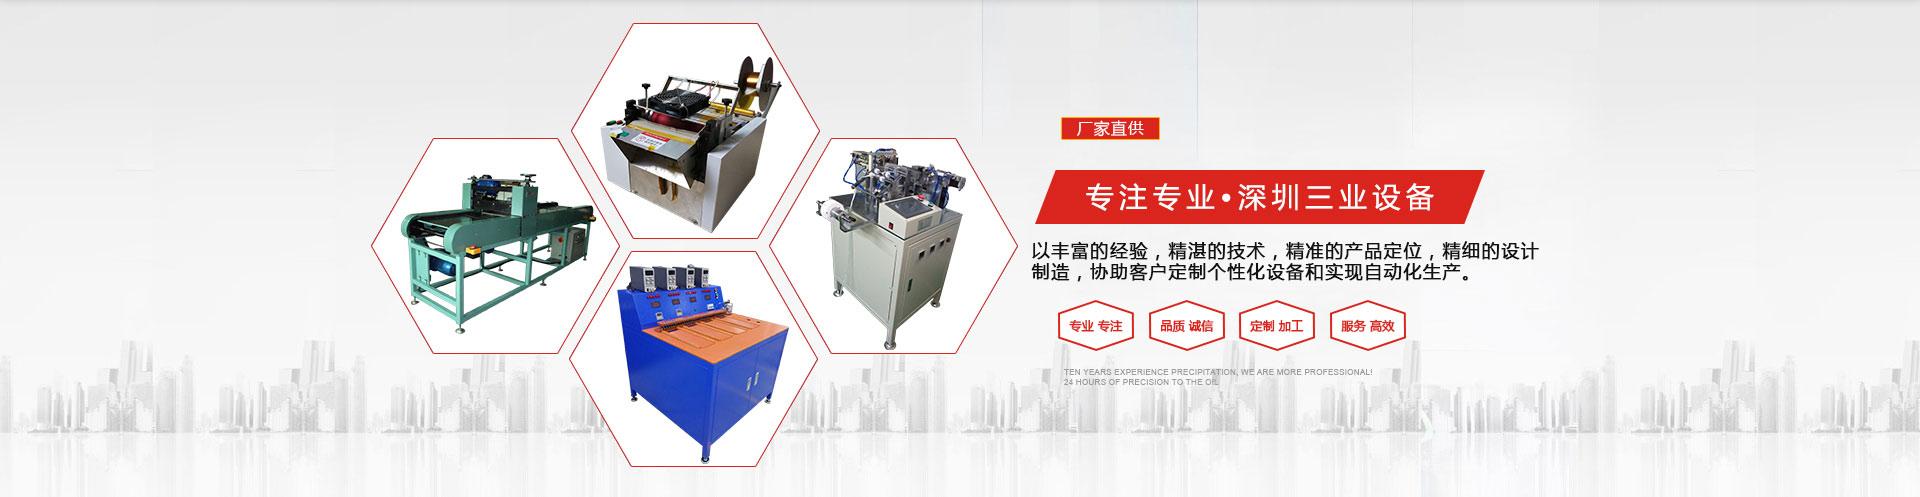 PTC器件生产设备